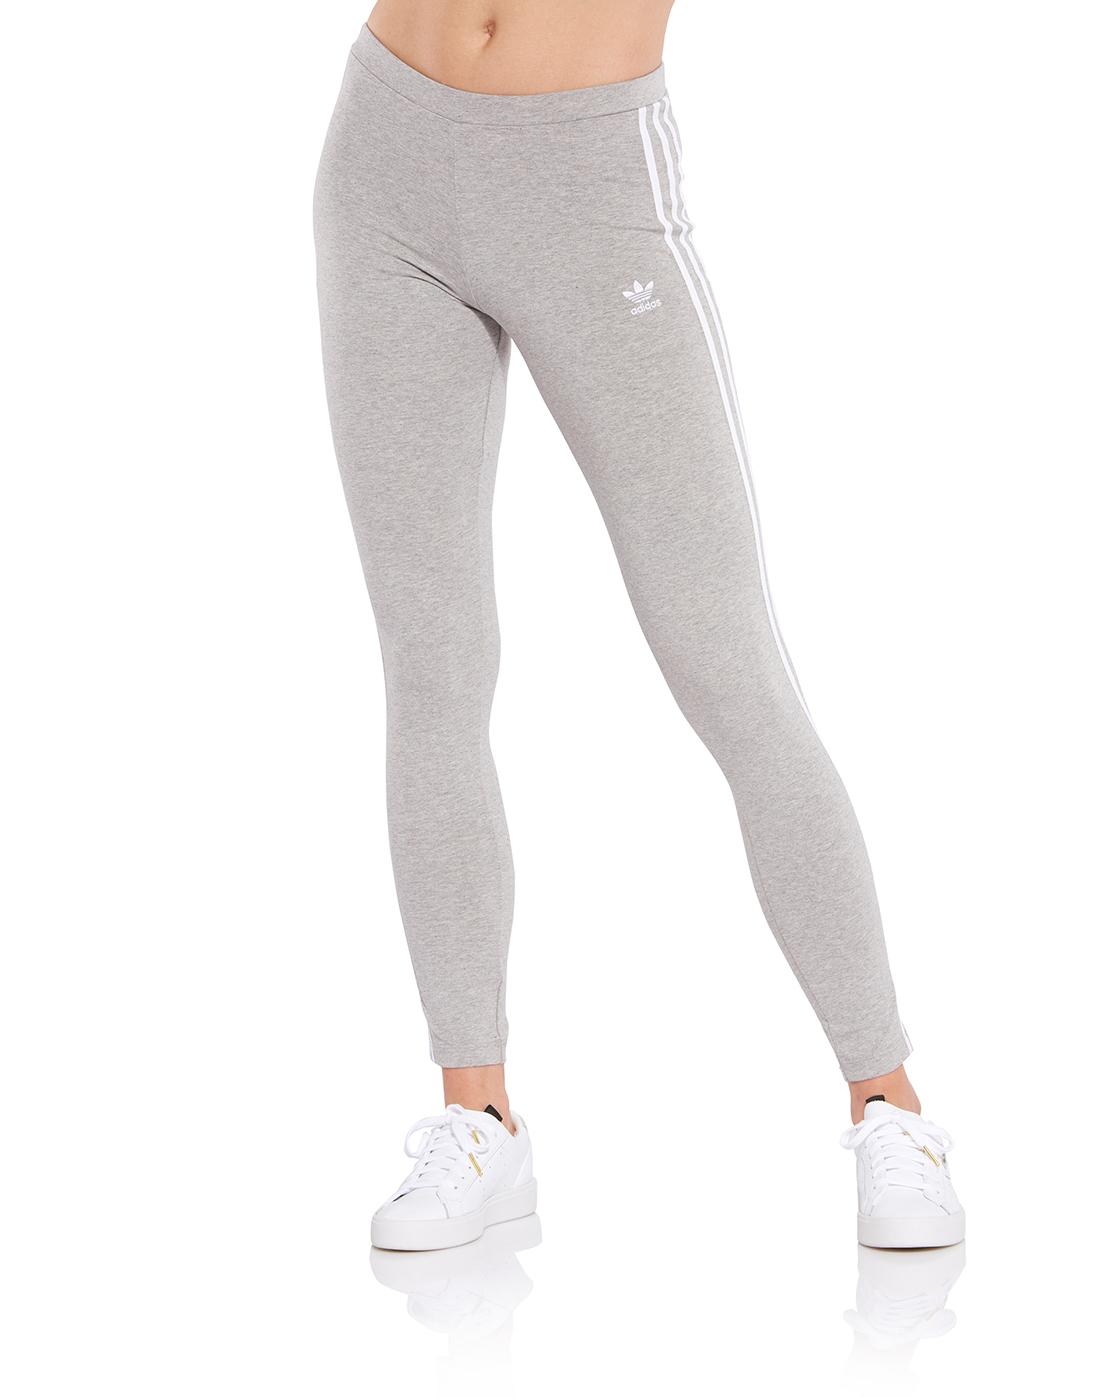 6907e37b8deb5 adidas Originals. Womens 3-Stripes Leggings. Womens 3-Stripes Leggings ...